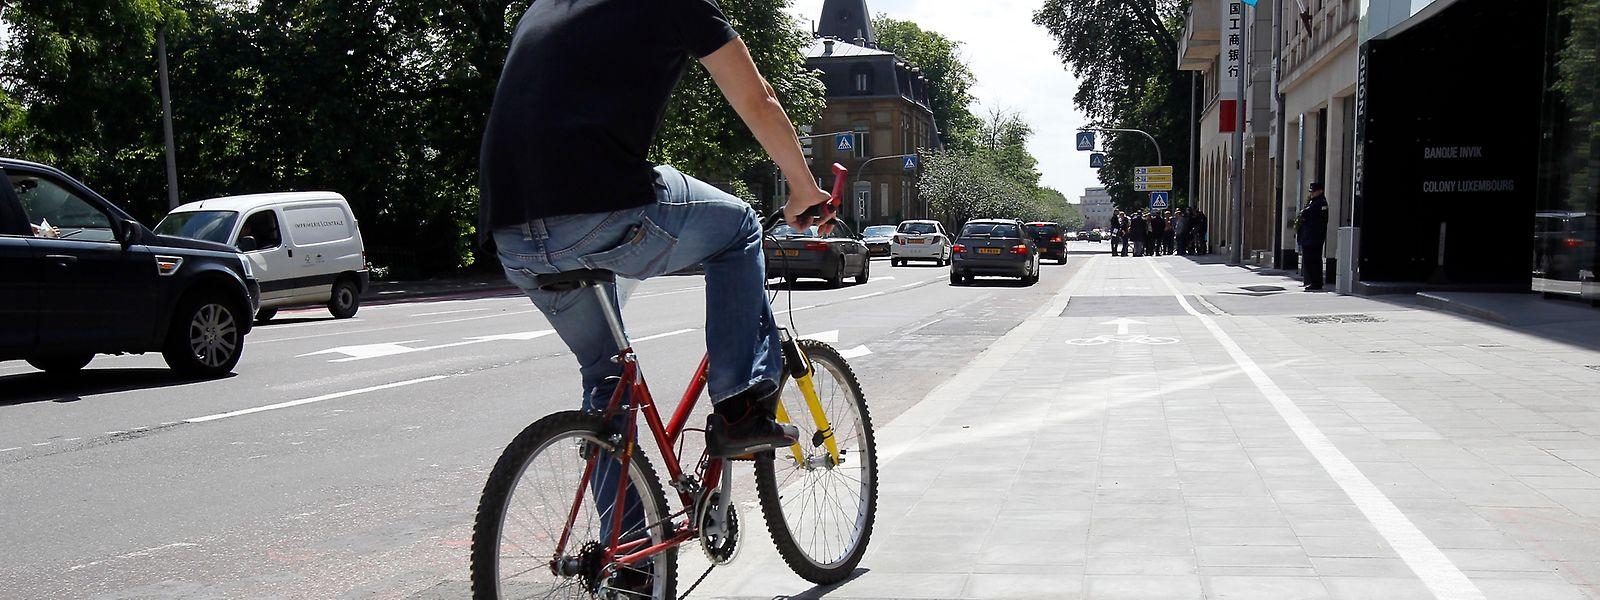 Der Fahrradweg in der Avenue Marie-Thérèse ist bereits ein kleiner Fortschritt in Richtung mehr Mobilität auf dem Zweirad.